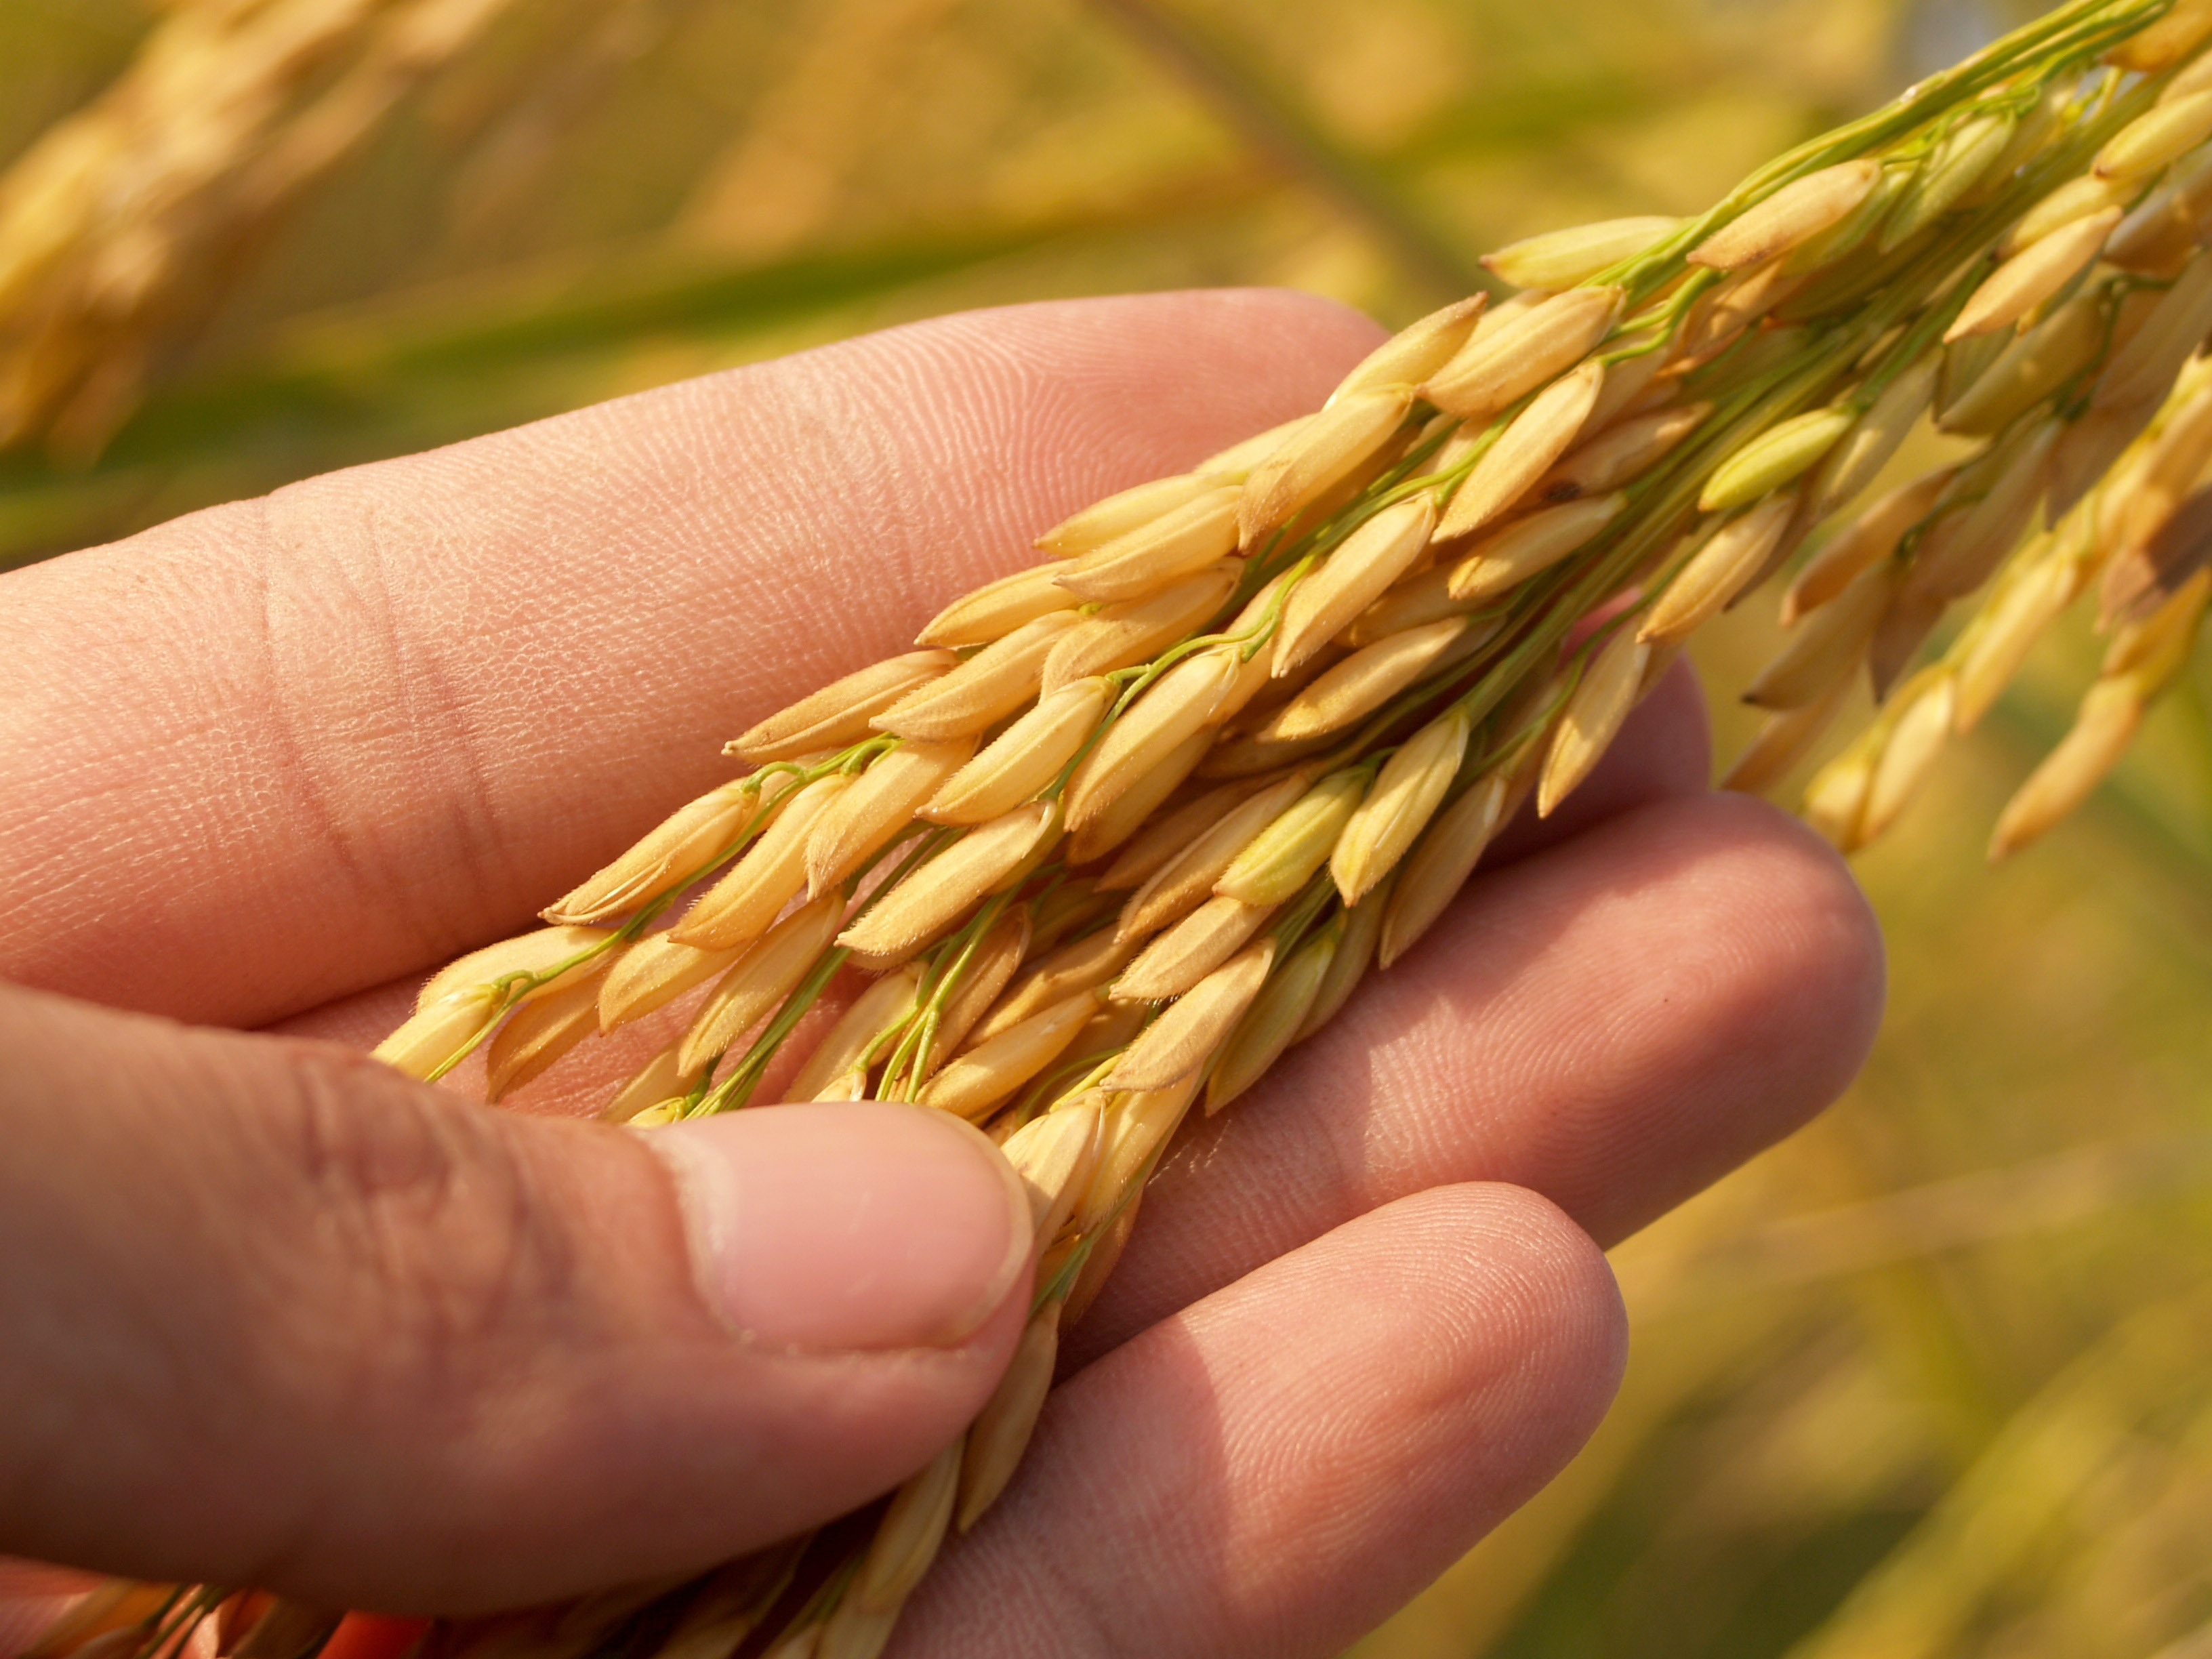 A rice plant showing mature grains